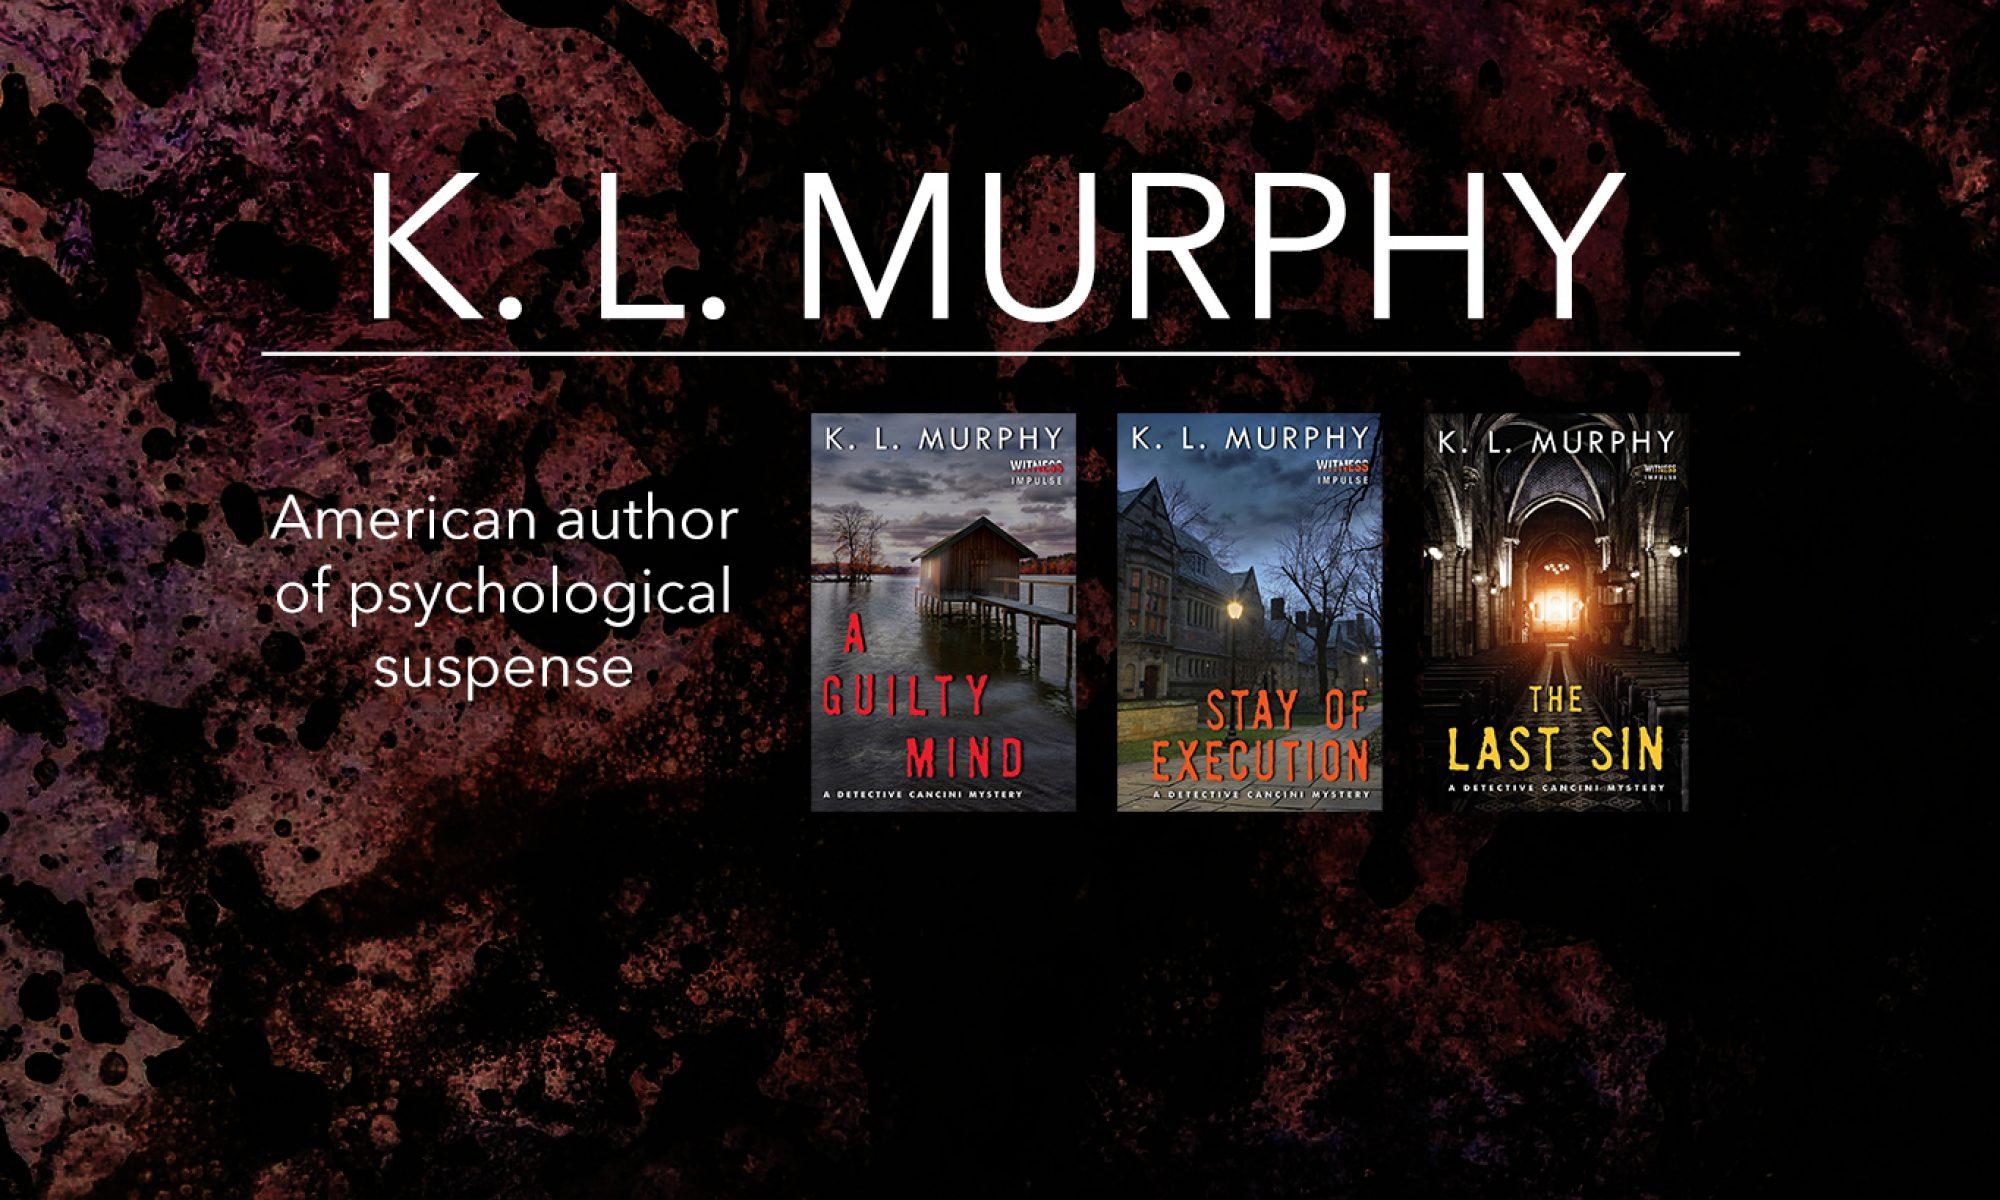 K.L. MURPHY